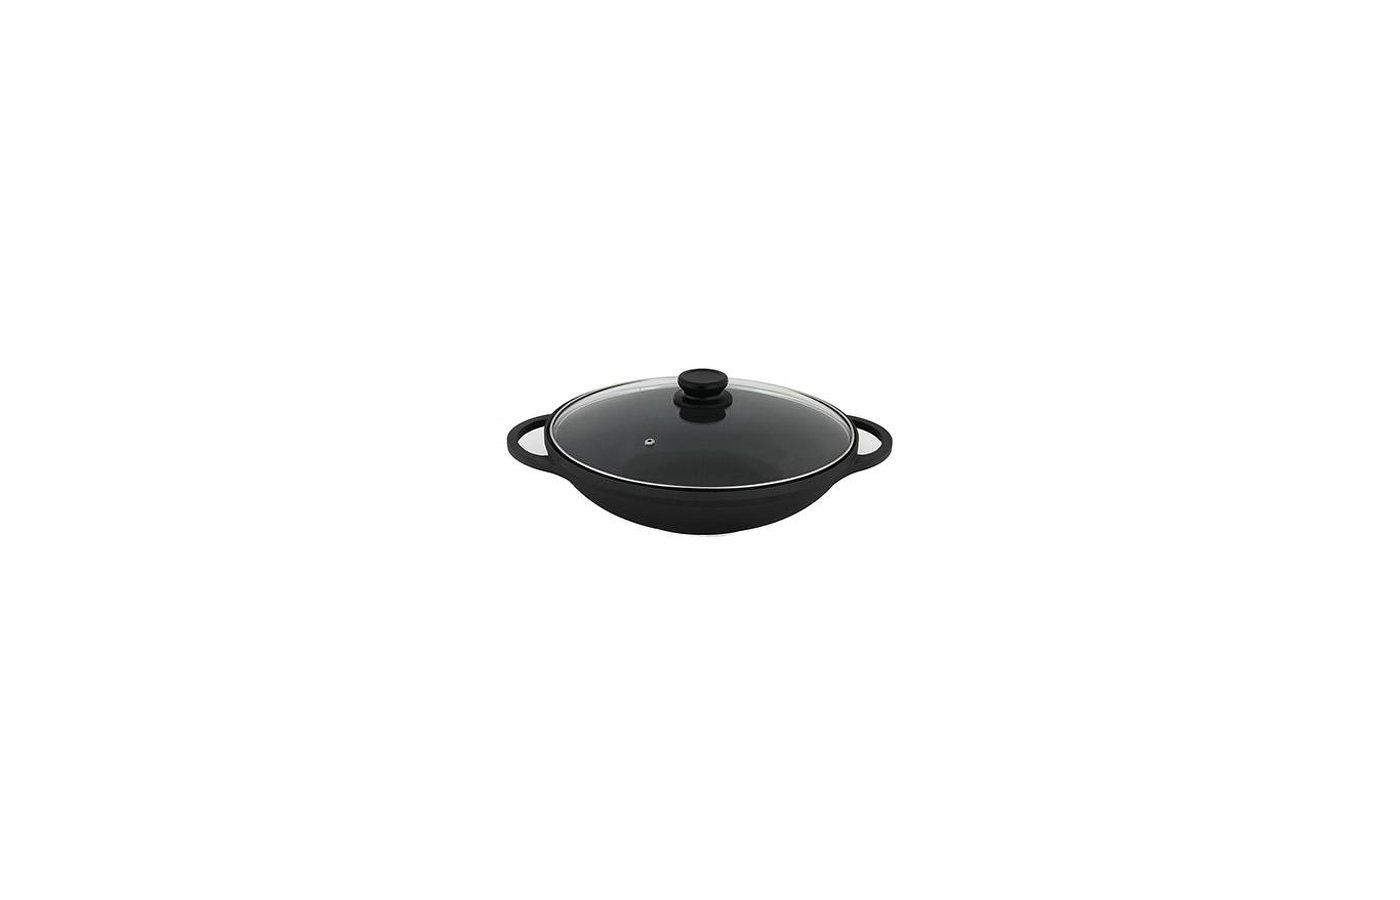 Казан SATOSHI 846-309 Профи Вок-казан литой с антипригарным покрытием d32см индукция BSW032